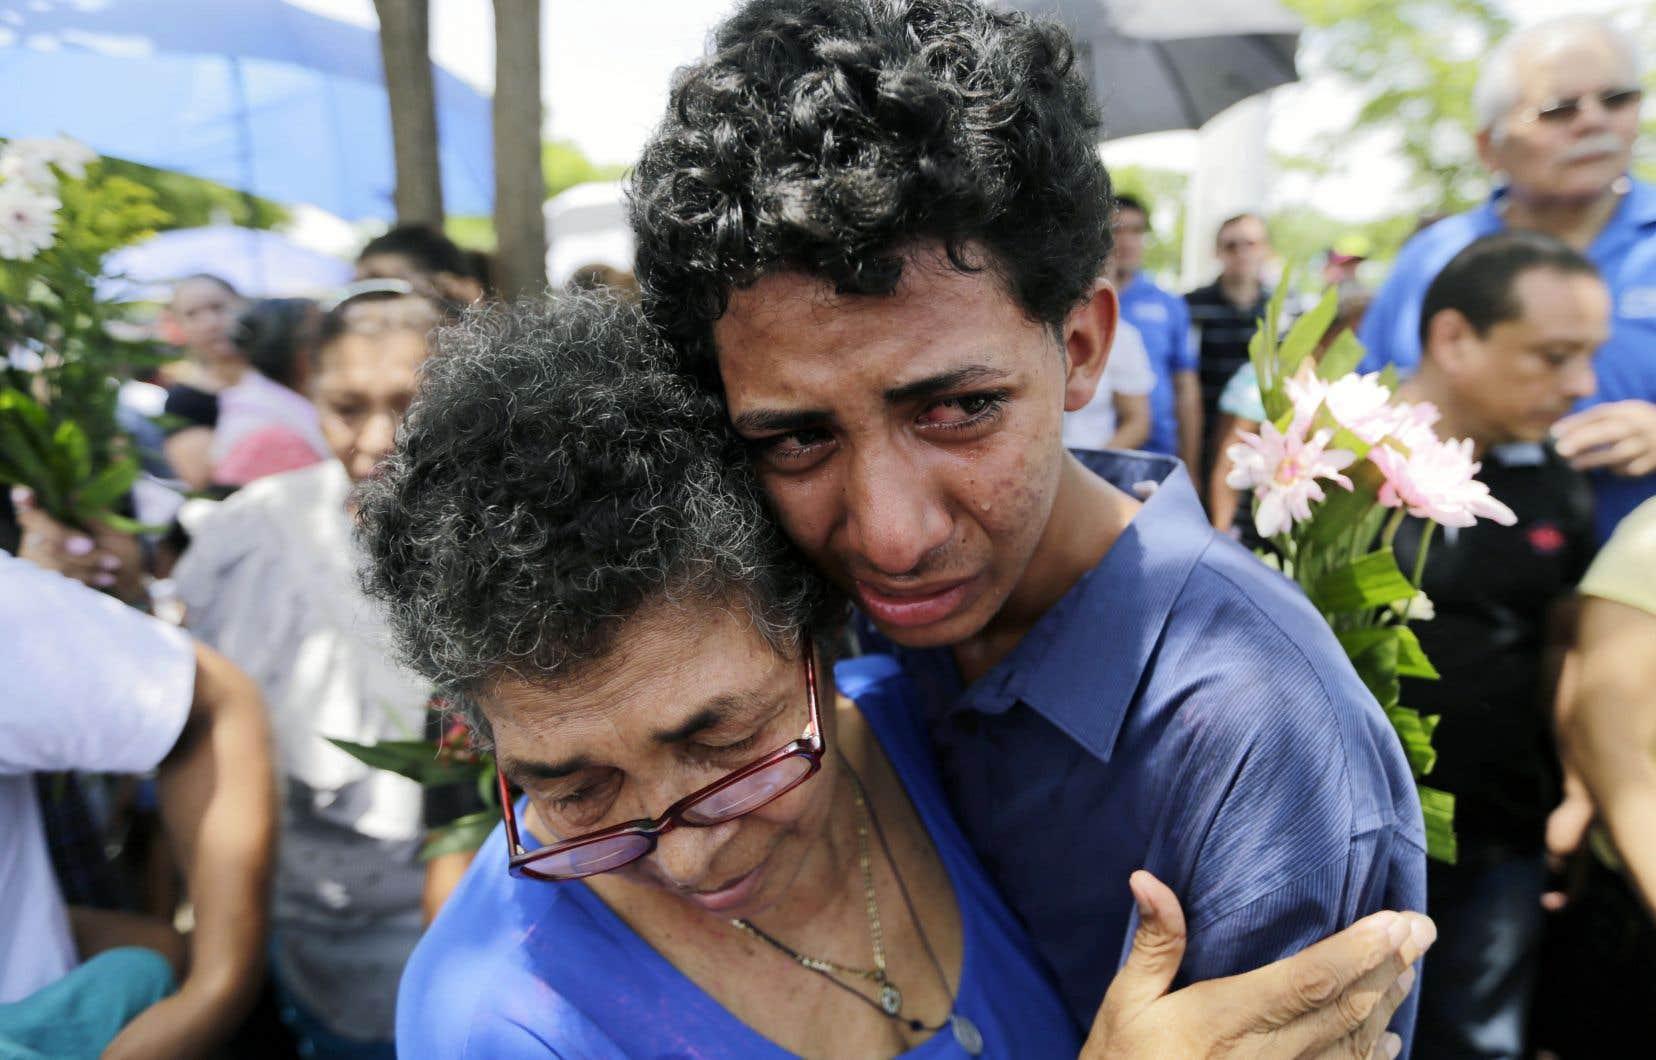 Les proches d'un enfant de 15 mois tué la veille lors d'une attaque des forces anti-émeutes épaulées par des membres des Jeunesses sandinistes, fidèles au président Ortega, pleuraient sa disparition lors de ses obsèques, dimanche, à Managua.